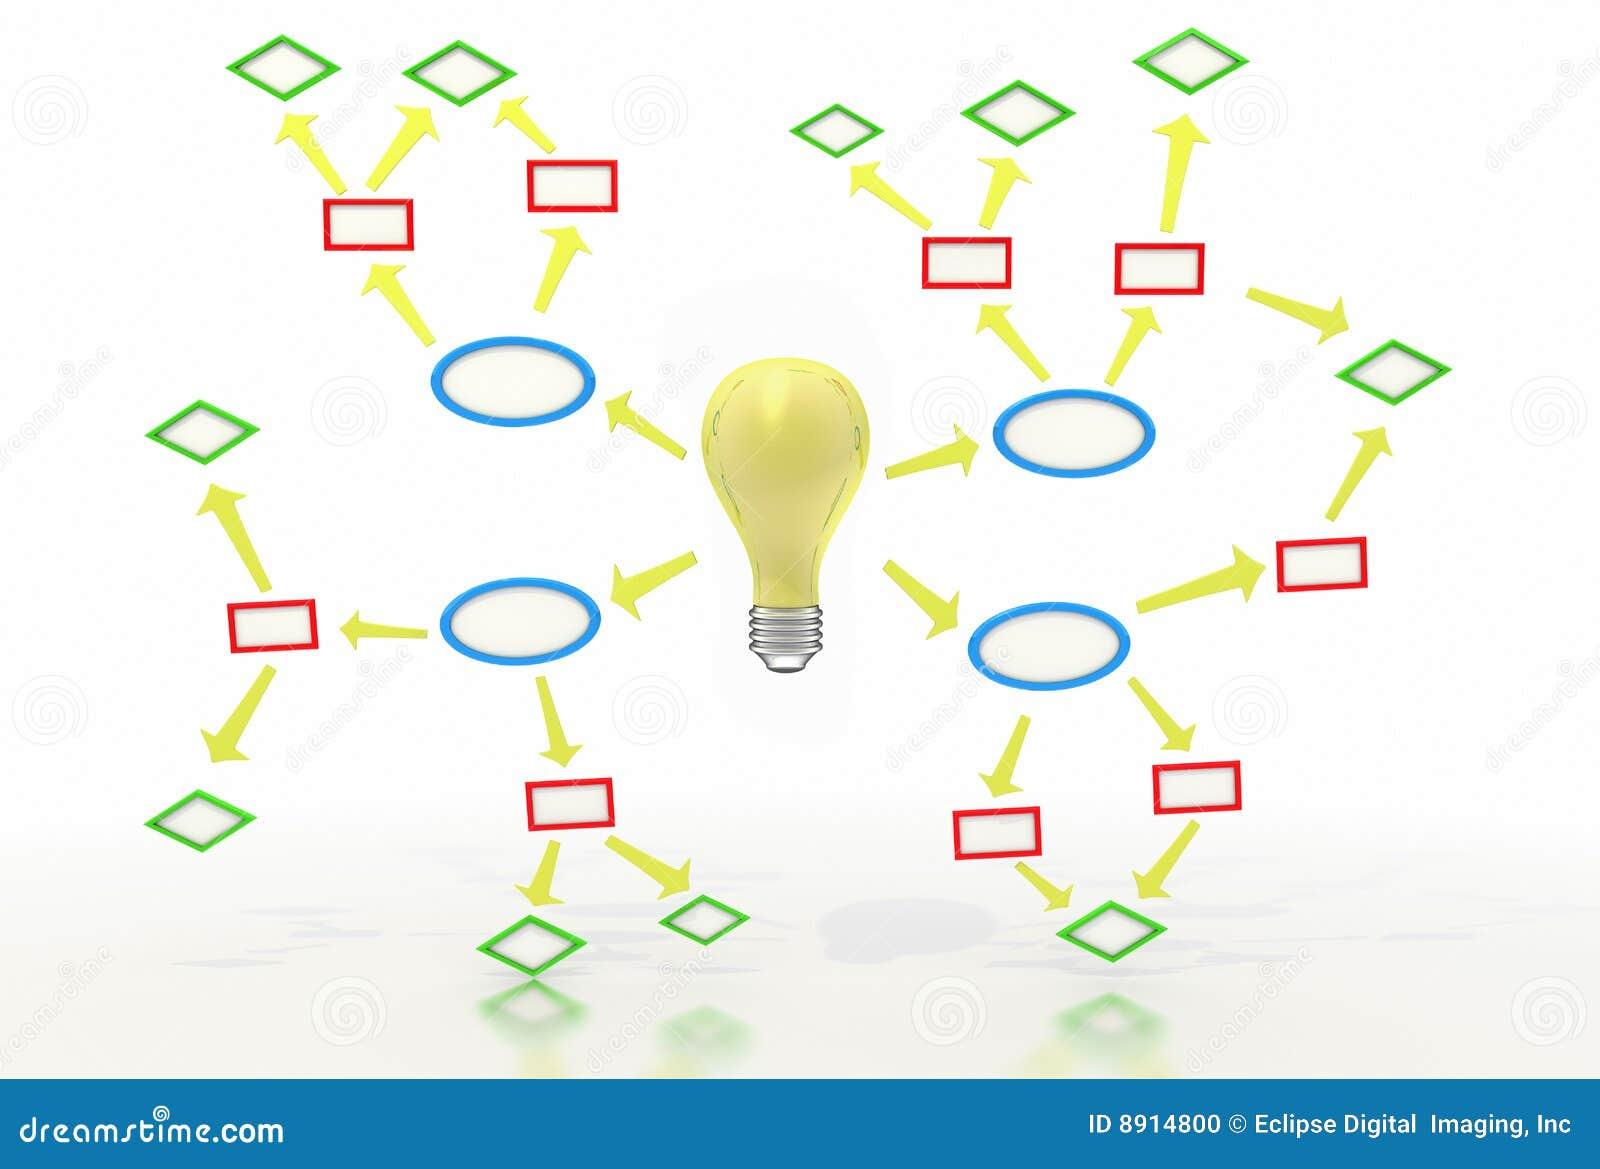 Ideen-Karten-Diagramm stock abbildung. Illustration von leuchte ...